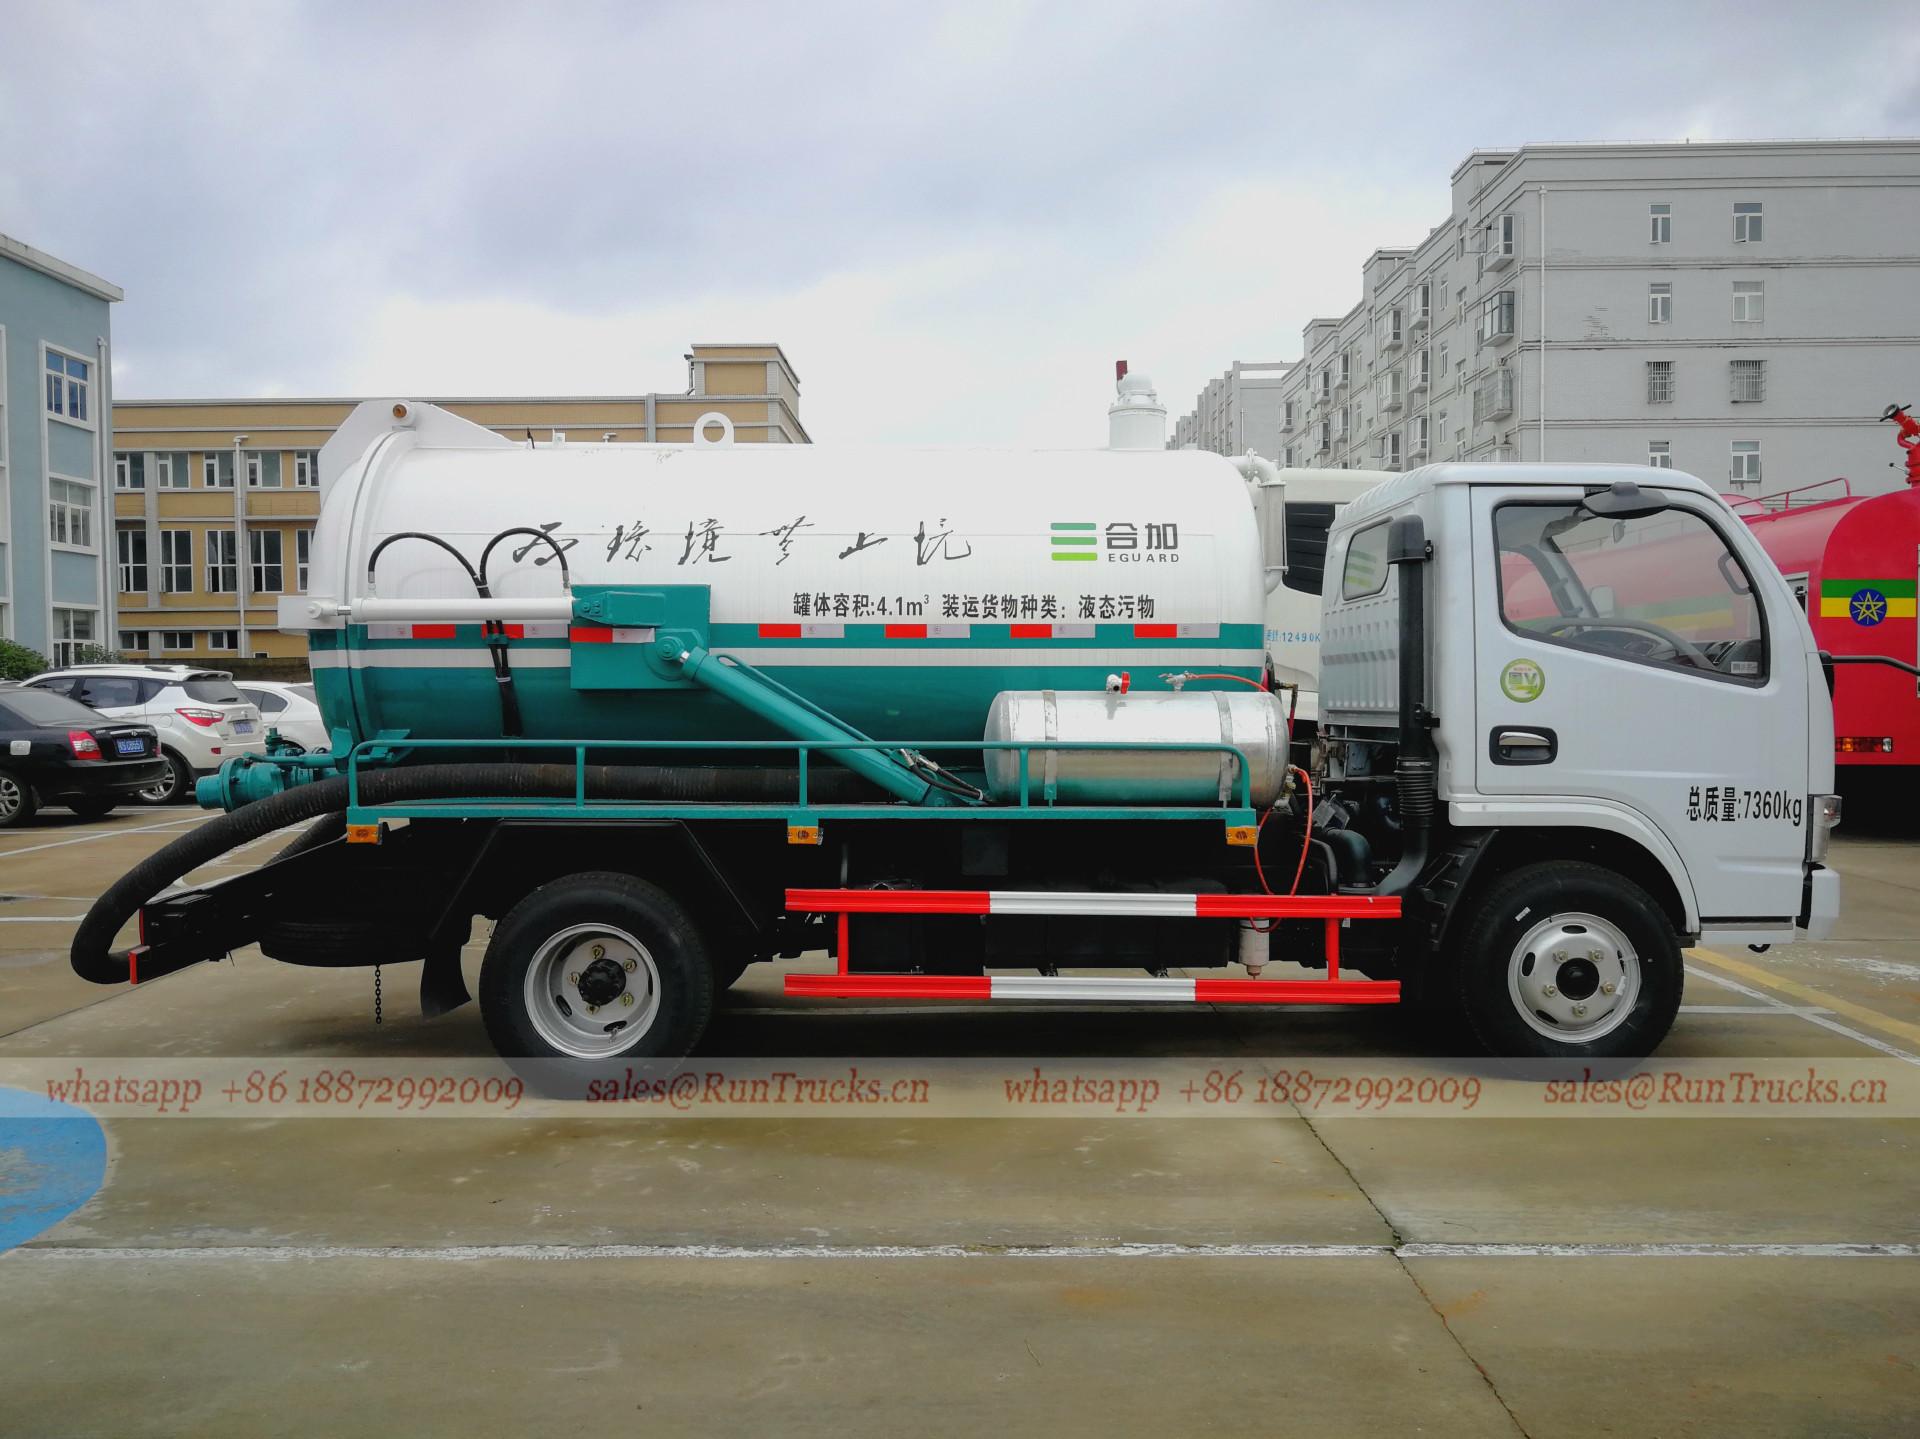 Çin Septik tanker kamyon, Kanalizasyon Fekal Emme Kamyon üre